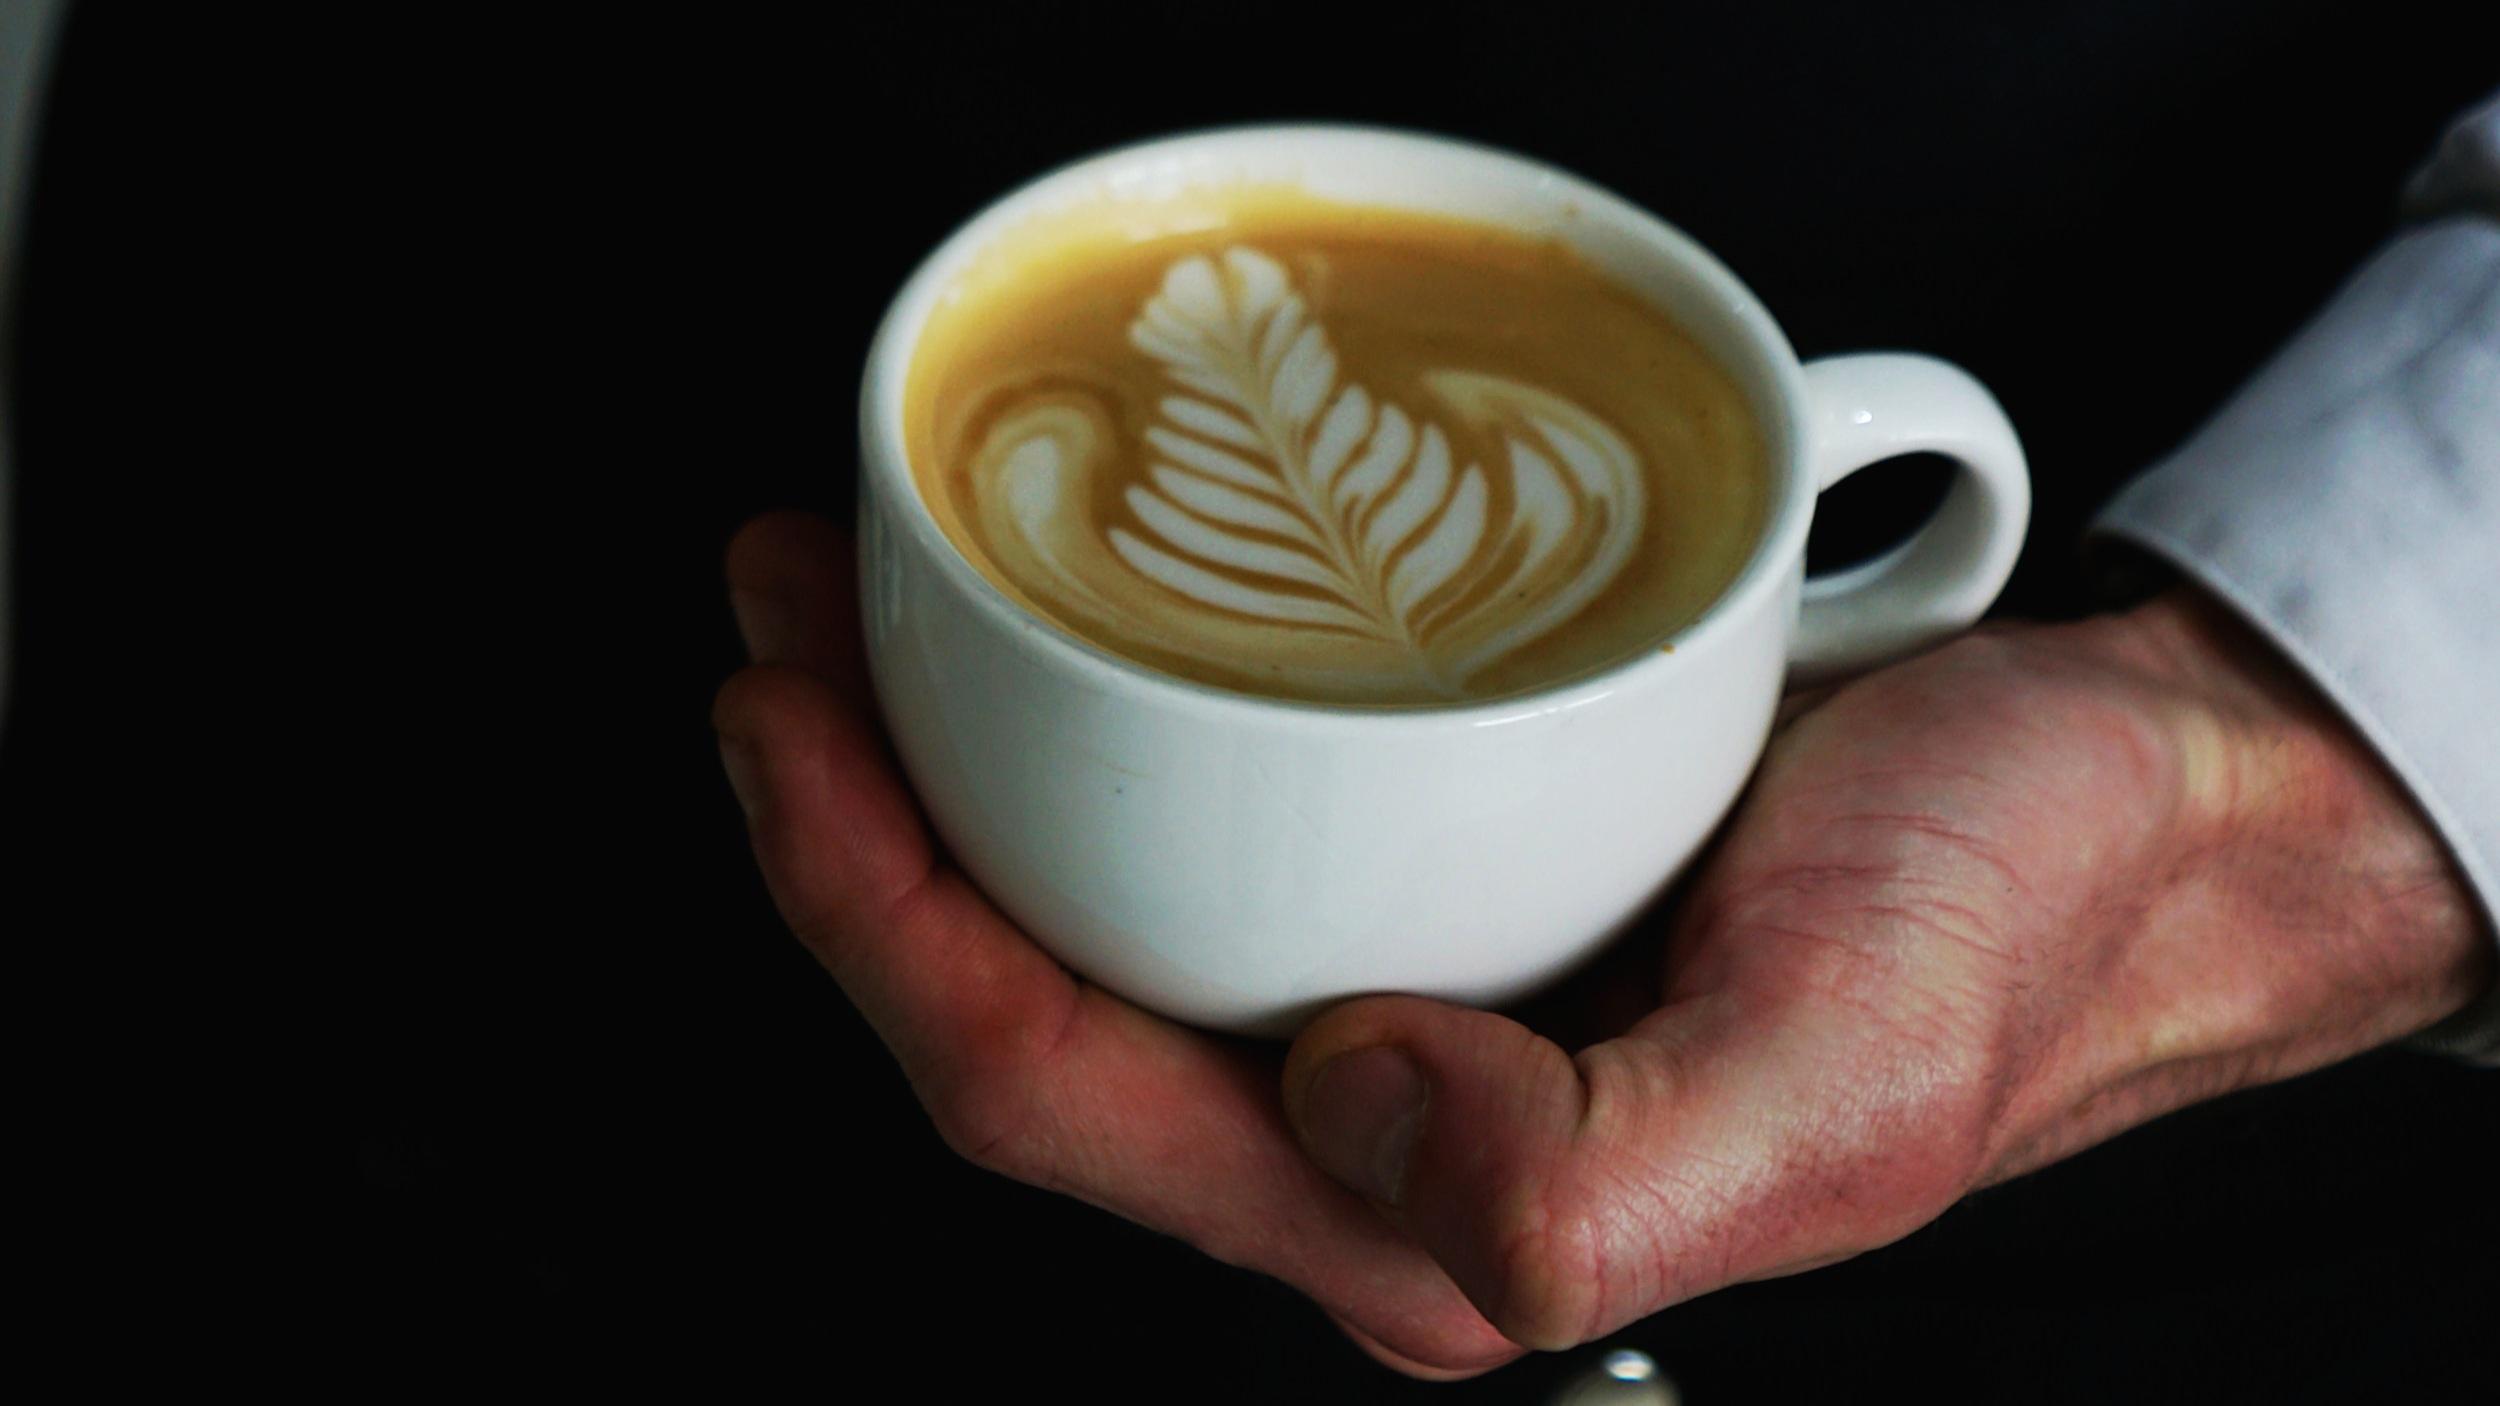 Transmission. - Une extraction parfaite est nécessaire afin de sublimer l'identité aromatique de nos cafés et c'est pour cela que tout nos baristi (les sommeliers du café) sont formés selon les standards SCA. Nous les accompagnons au quotidien dans une démarche d'amélioration constante. La prochaine fois, prenez le temps d'échanger avec votre barista Florian's Coffee qui saura vous conseiller sur le café qui est fait pour vous.